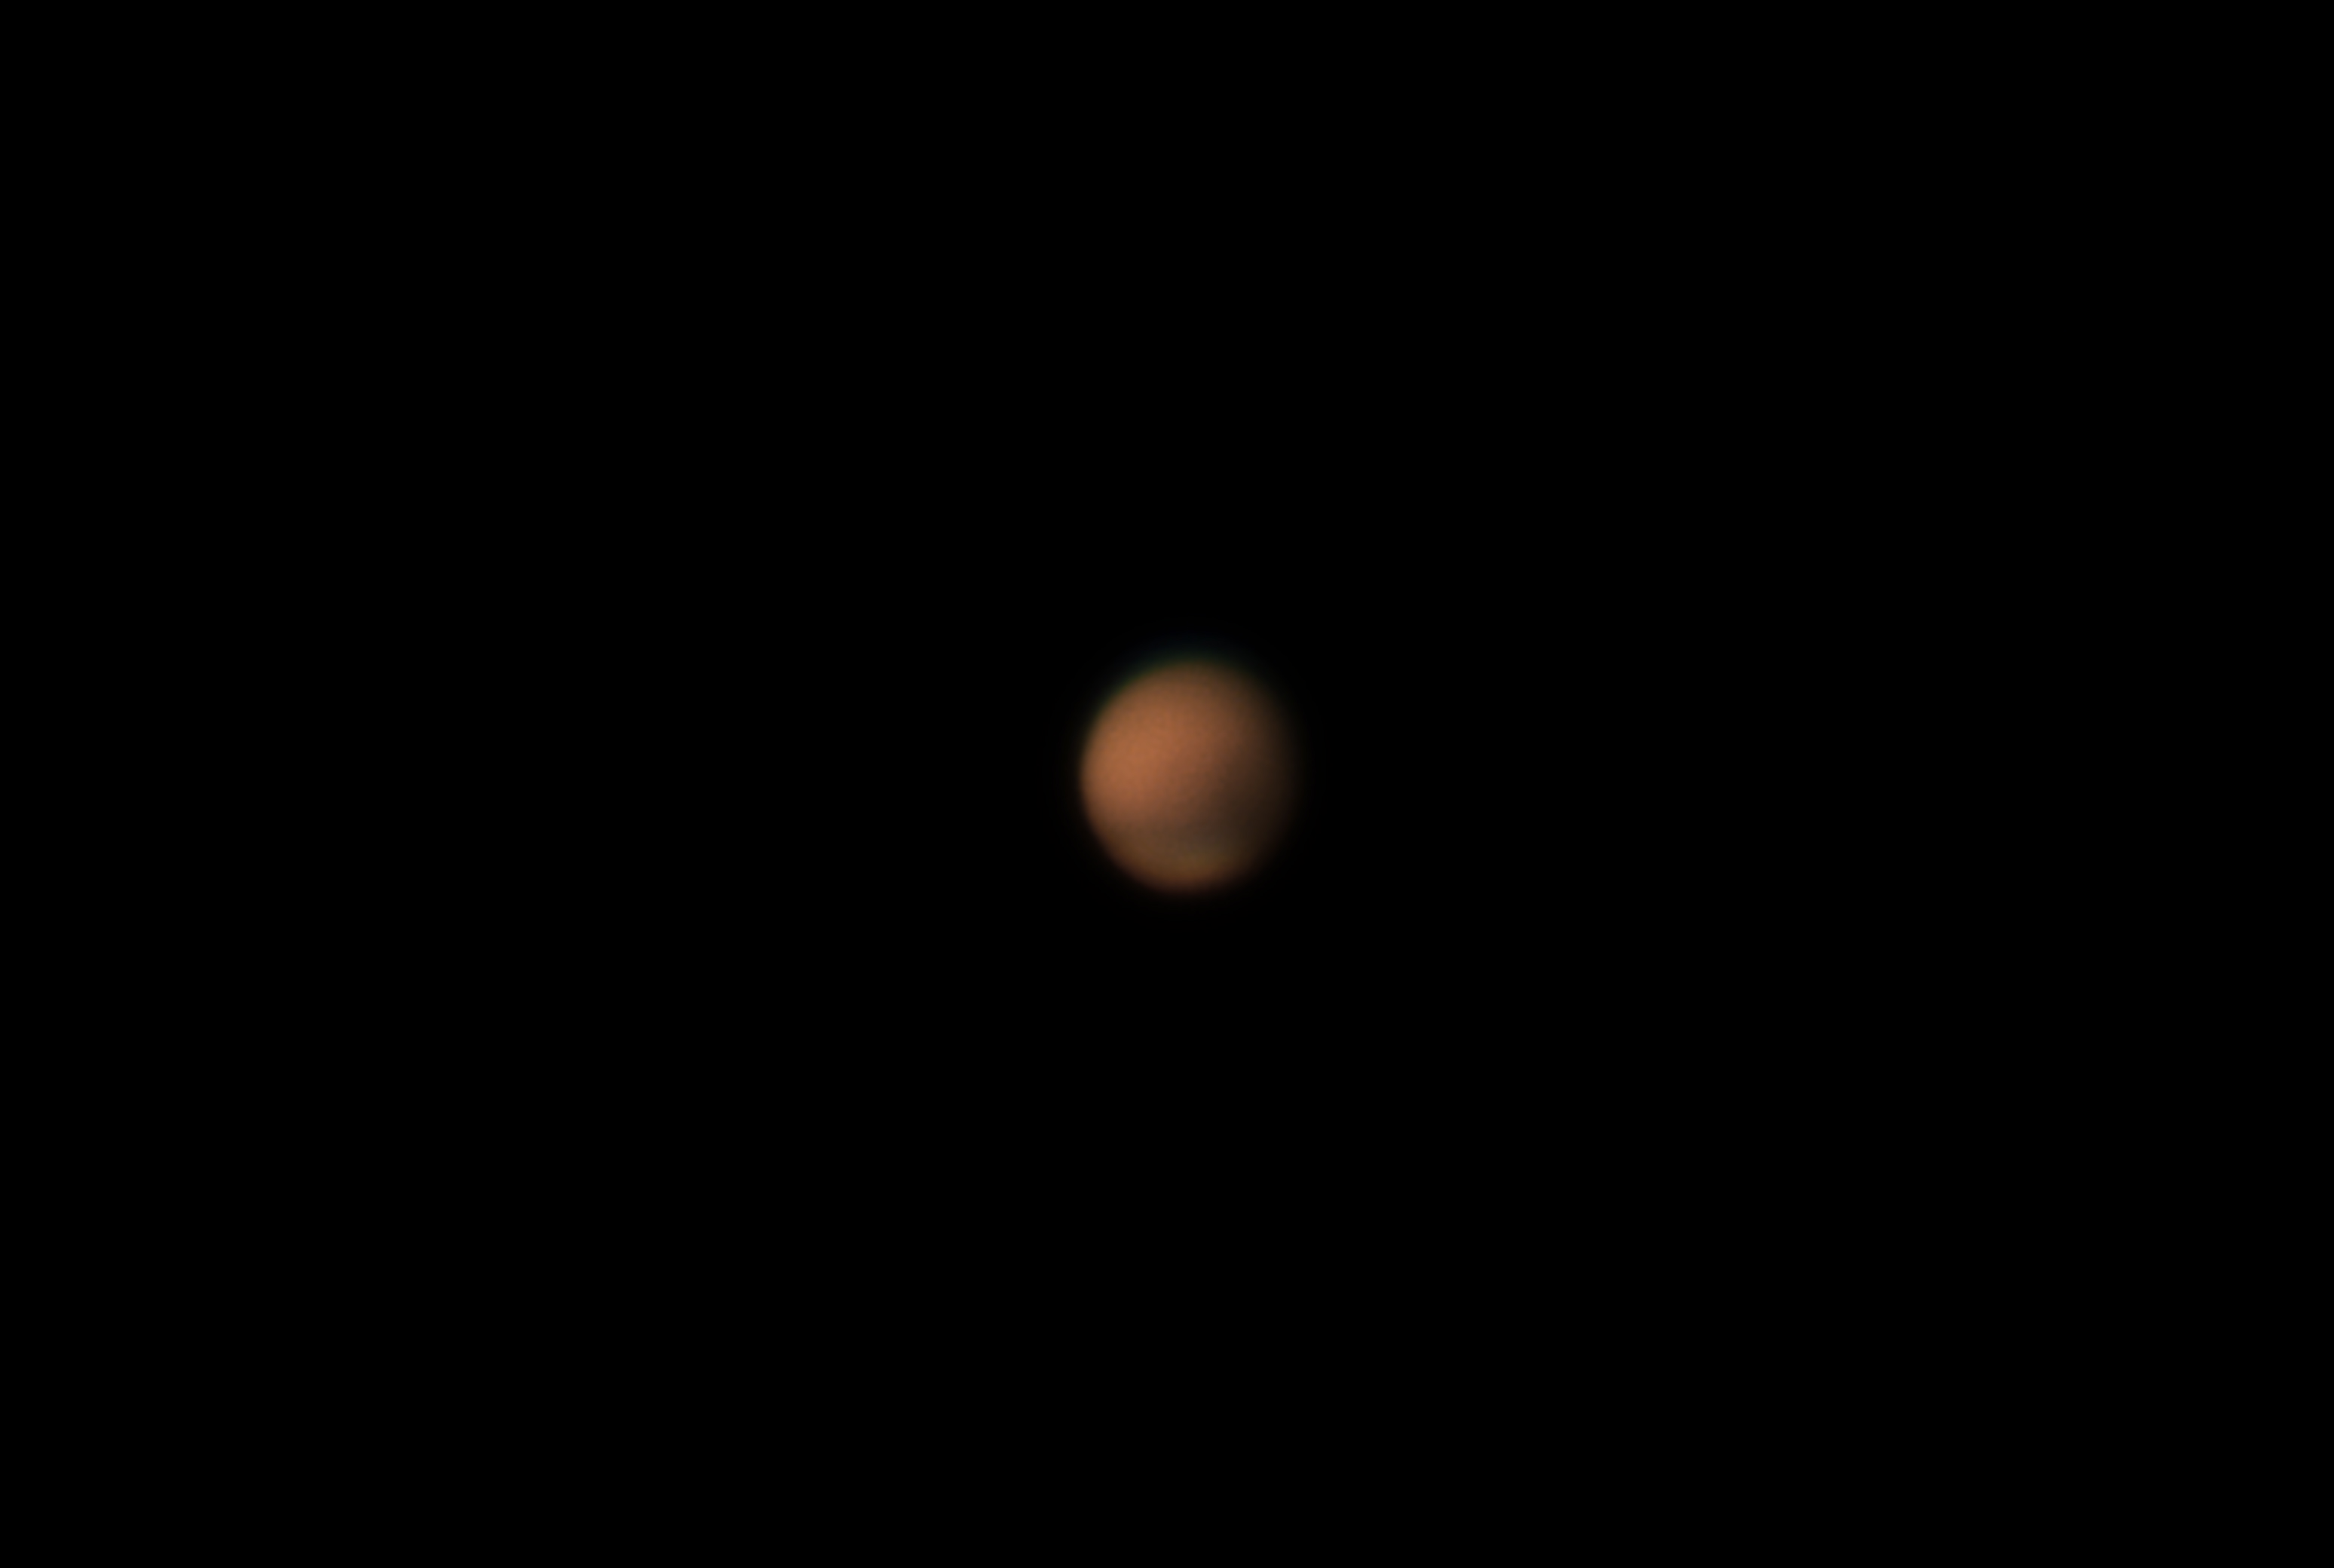 Mars_16_06_18_034343_g4_ap50_conv